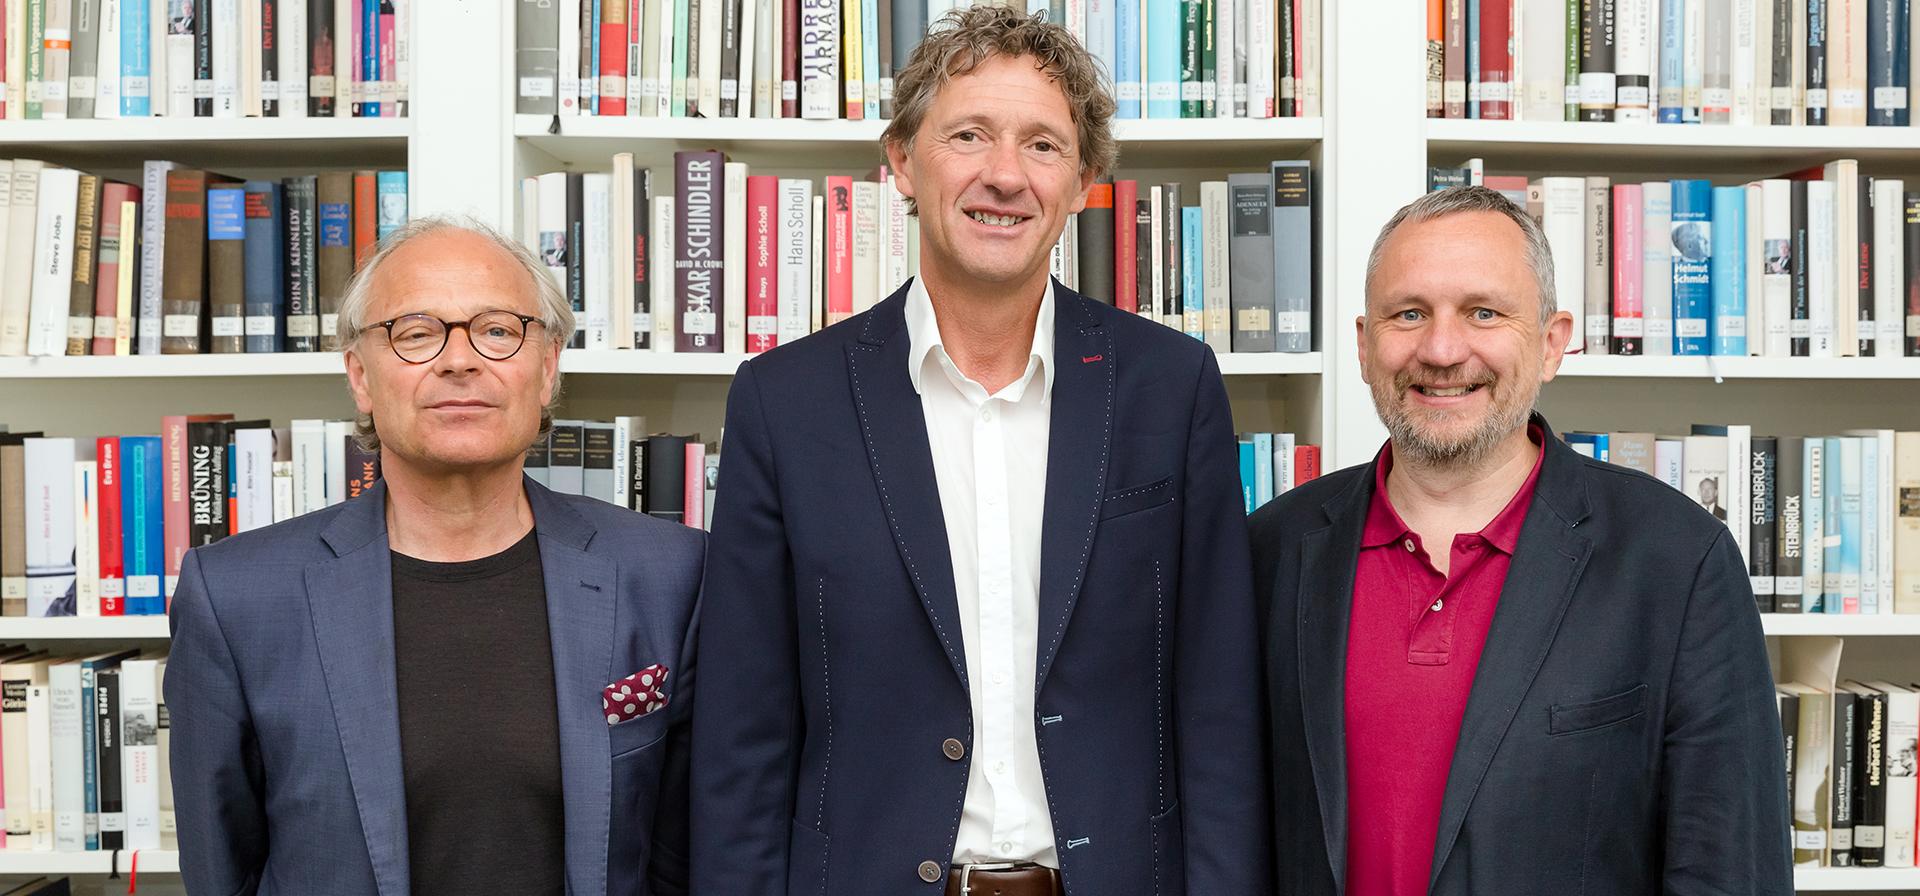 Gruppenbild des Vorstandes